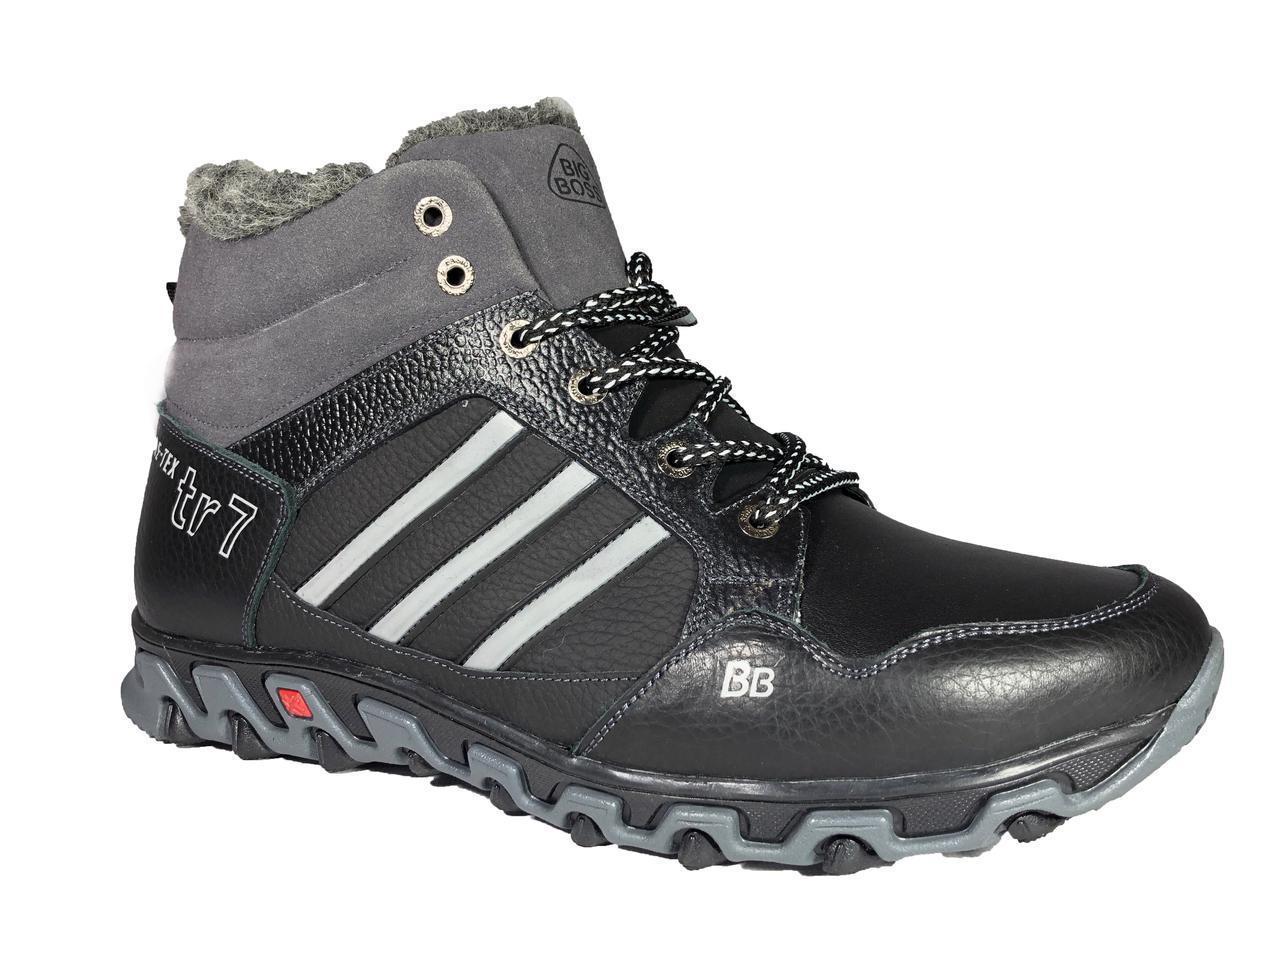 c335d295 Ботинки мужские 48 размера спортивные модель К-34 - BigBoss-производитель мужской  обуви 40